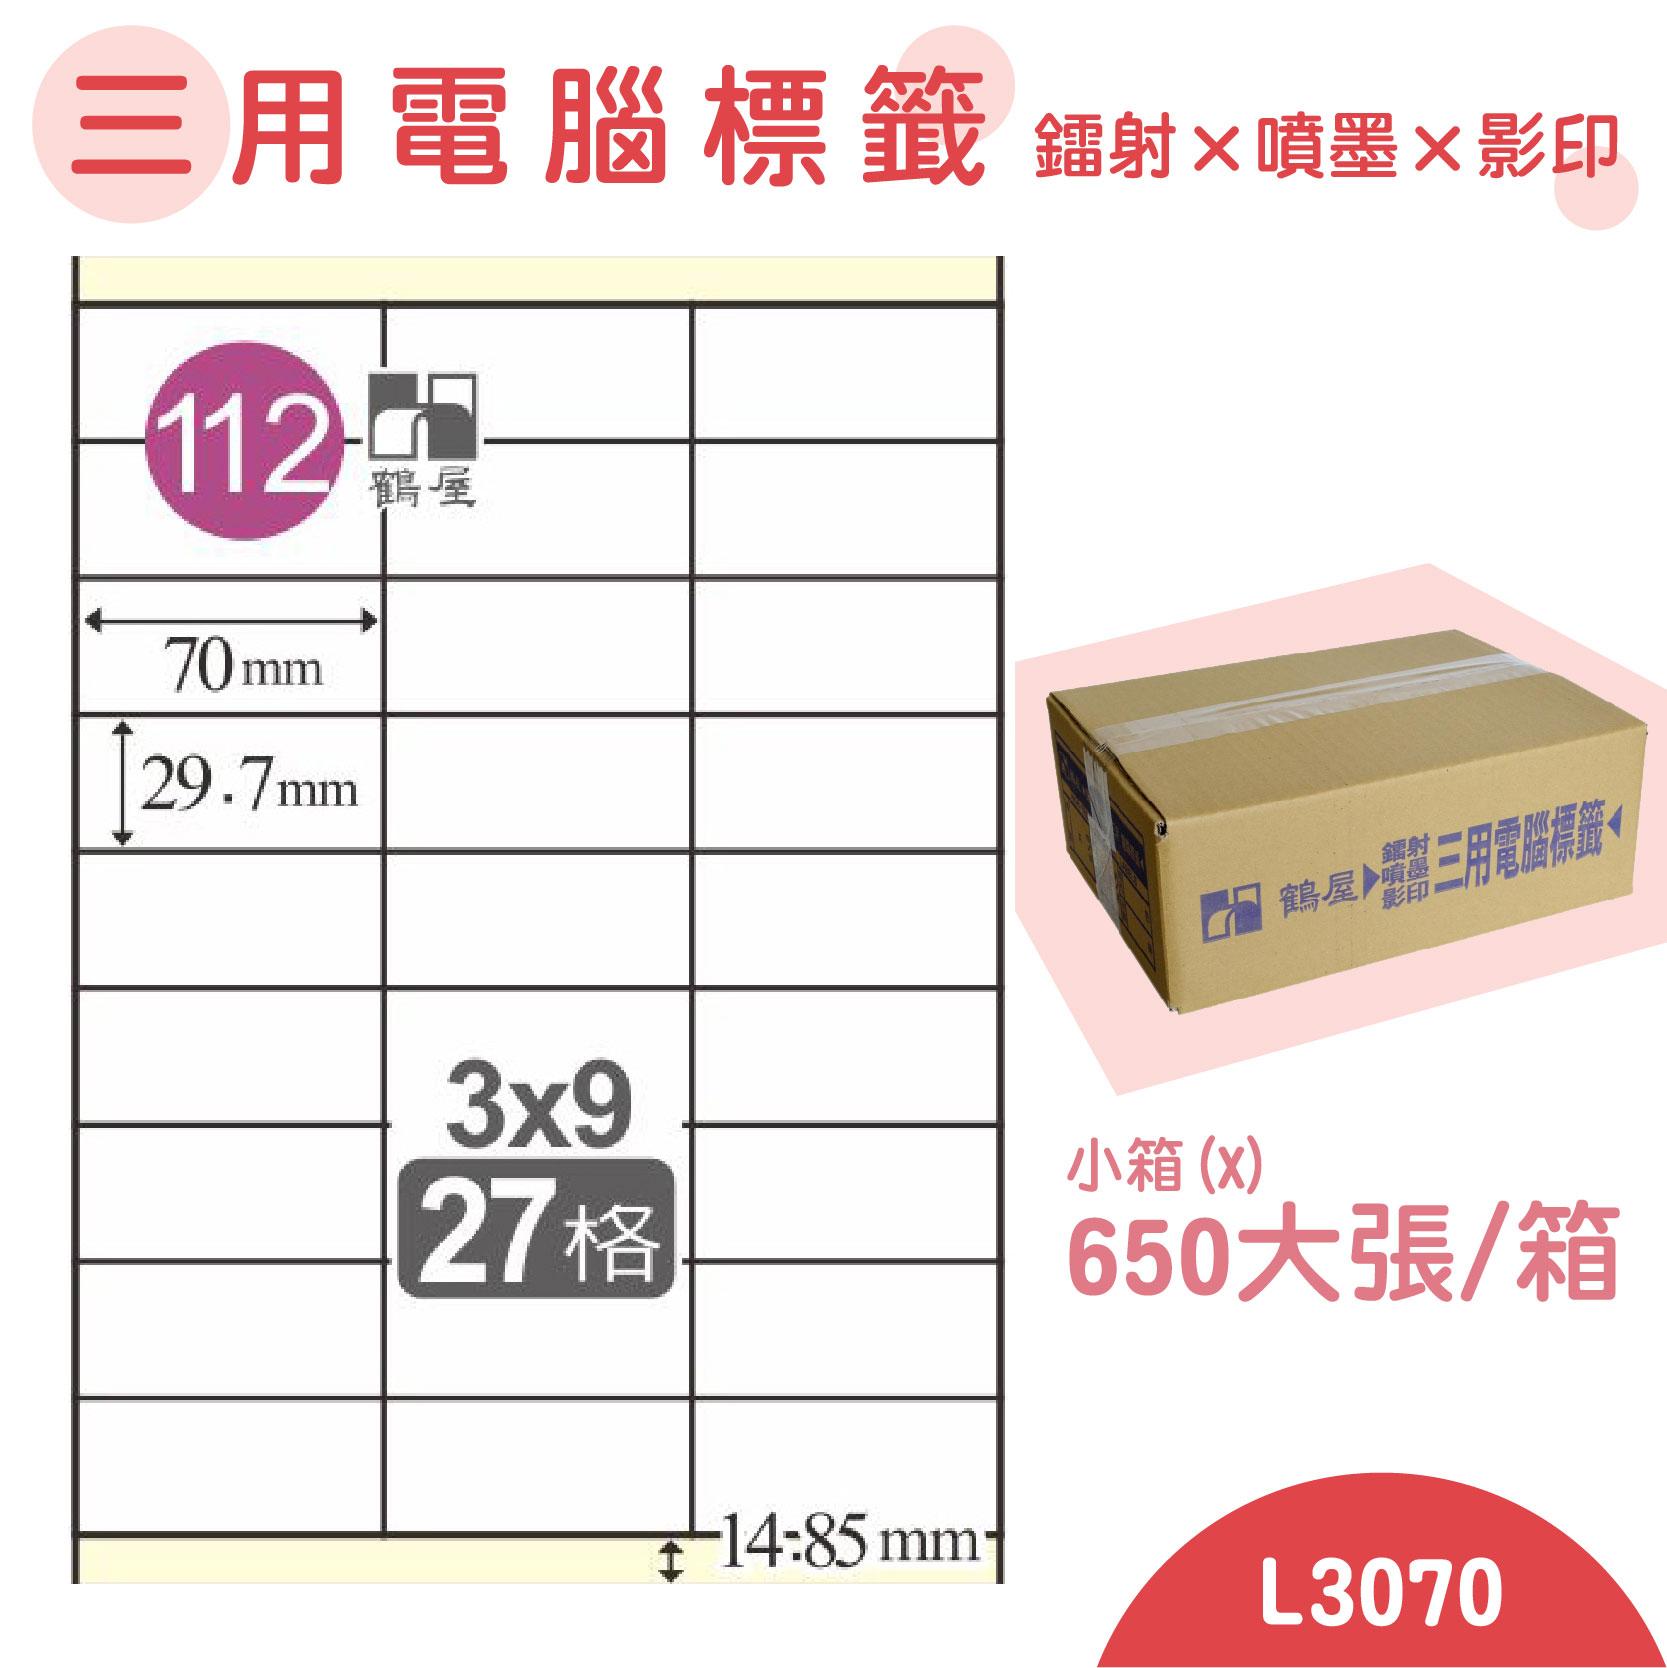 電腦標籤紙(鶴屋) 白色 L3070 27格 650大張/小箱 影印 雷射 噴墨 三用 標籤 貼紙 信封 光碟 名條